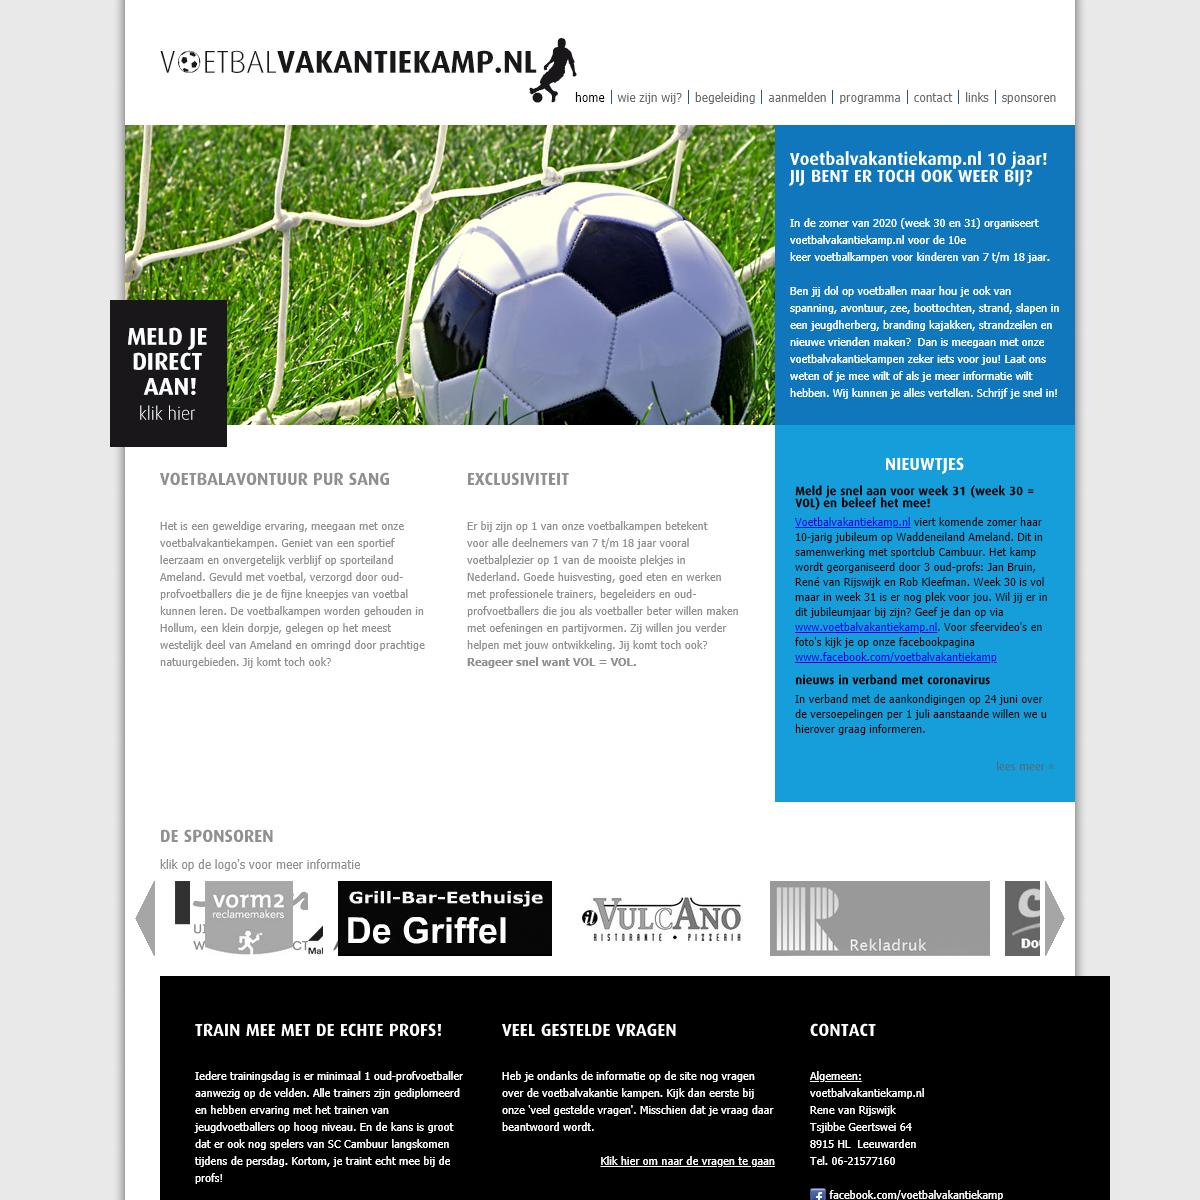 Voetbalvakantiekamp.nl